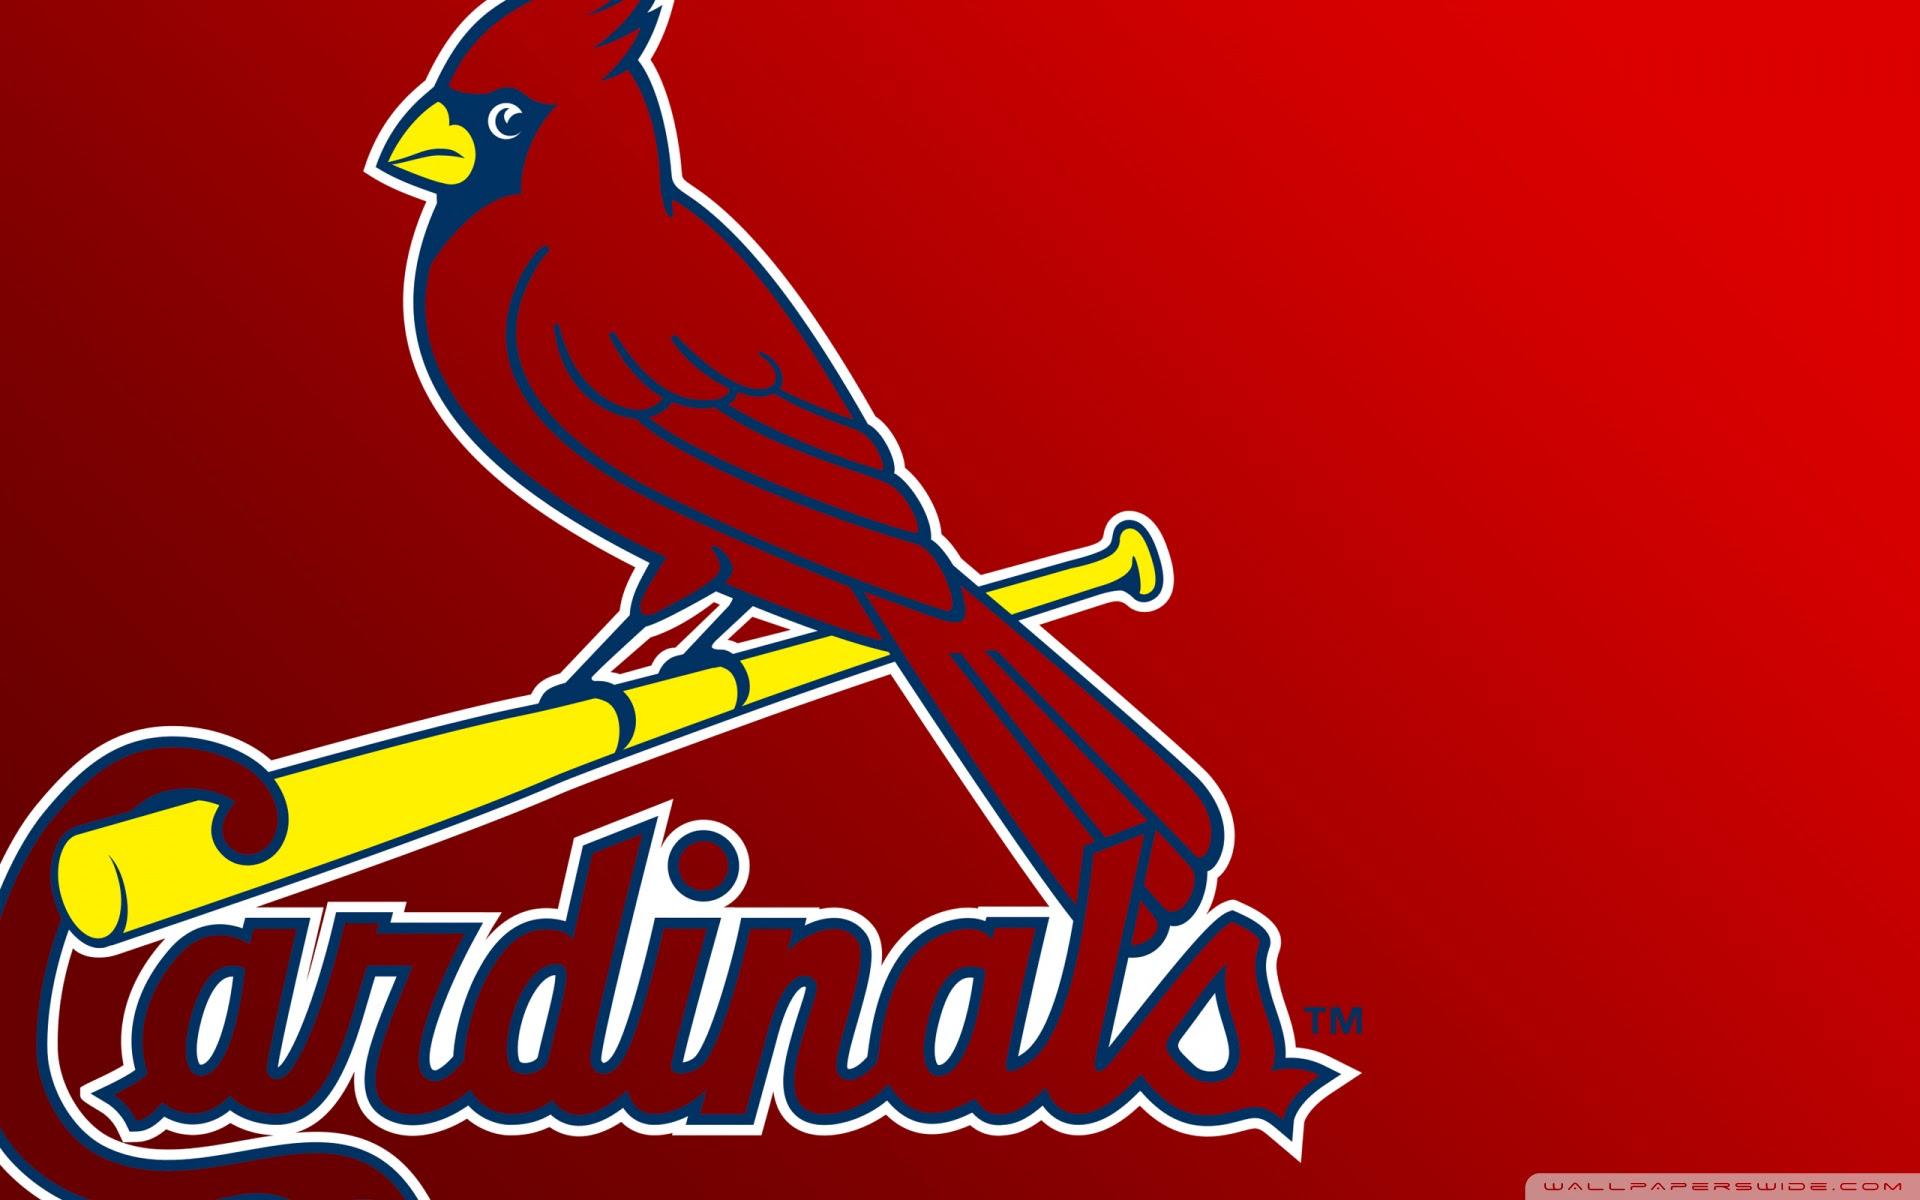 St Louis Cardinals Logo Ultra Hd Desktop Background Wallpaper For